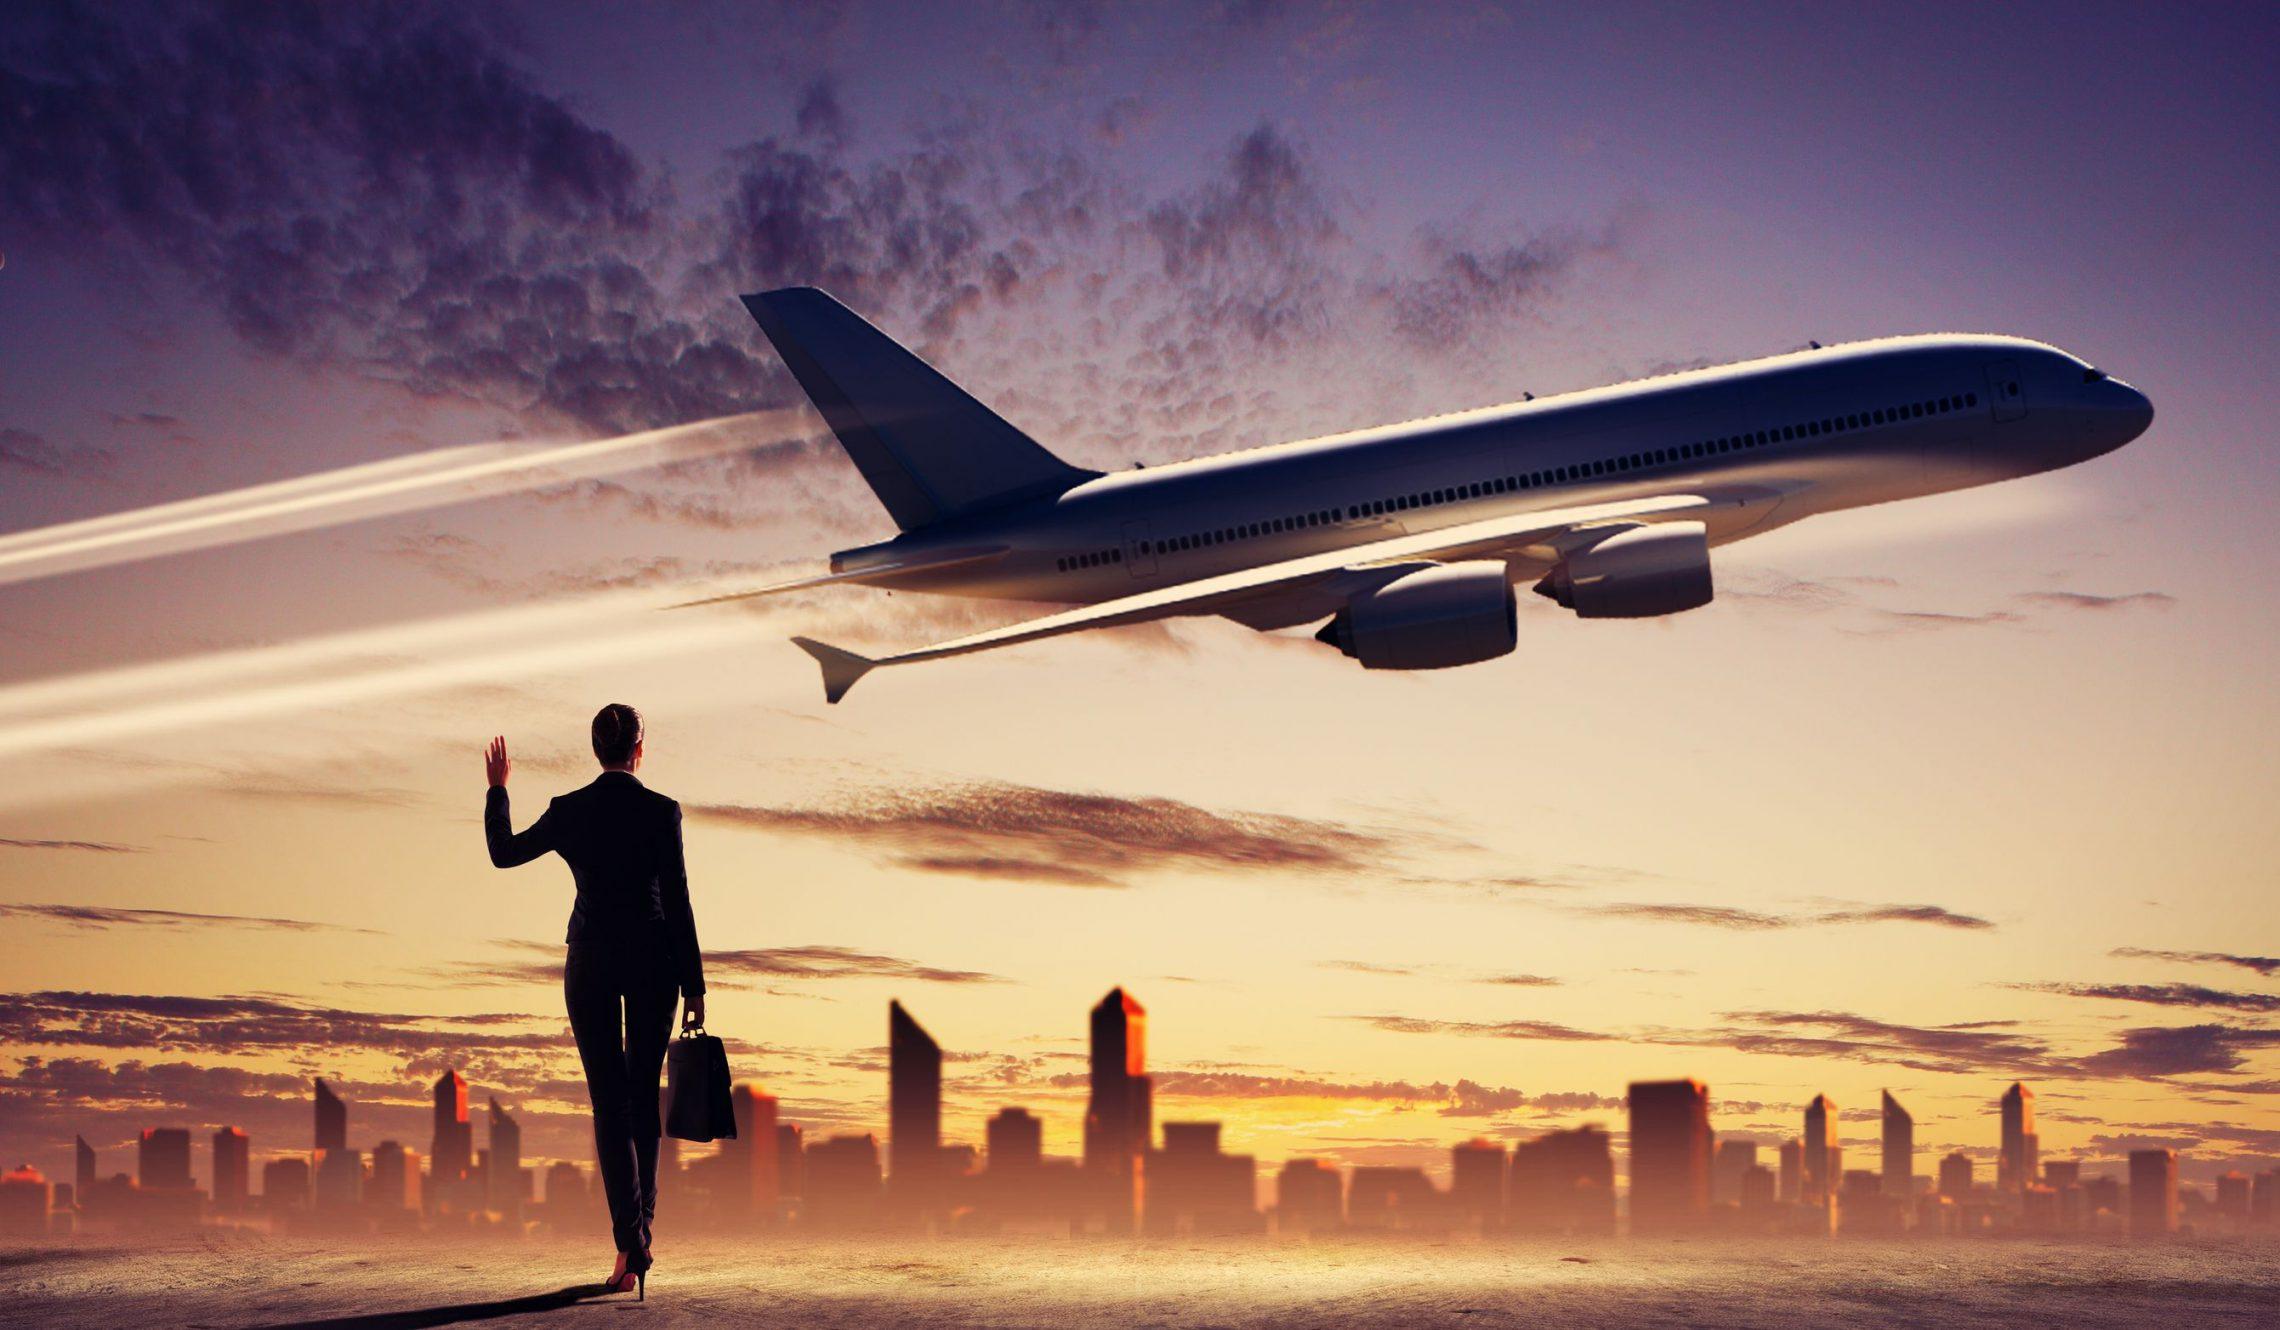 Jet lag i szok kulturowy: niebezpieczna mieszanka